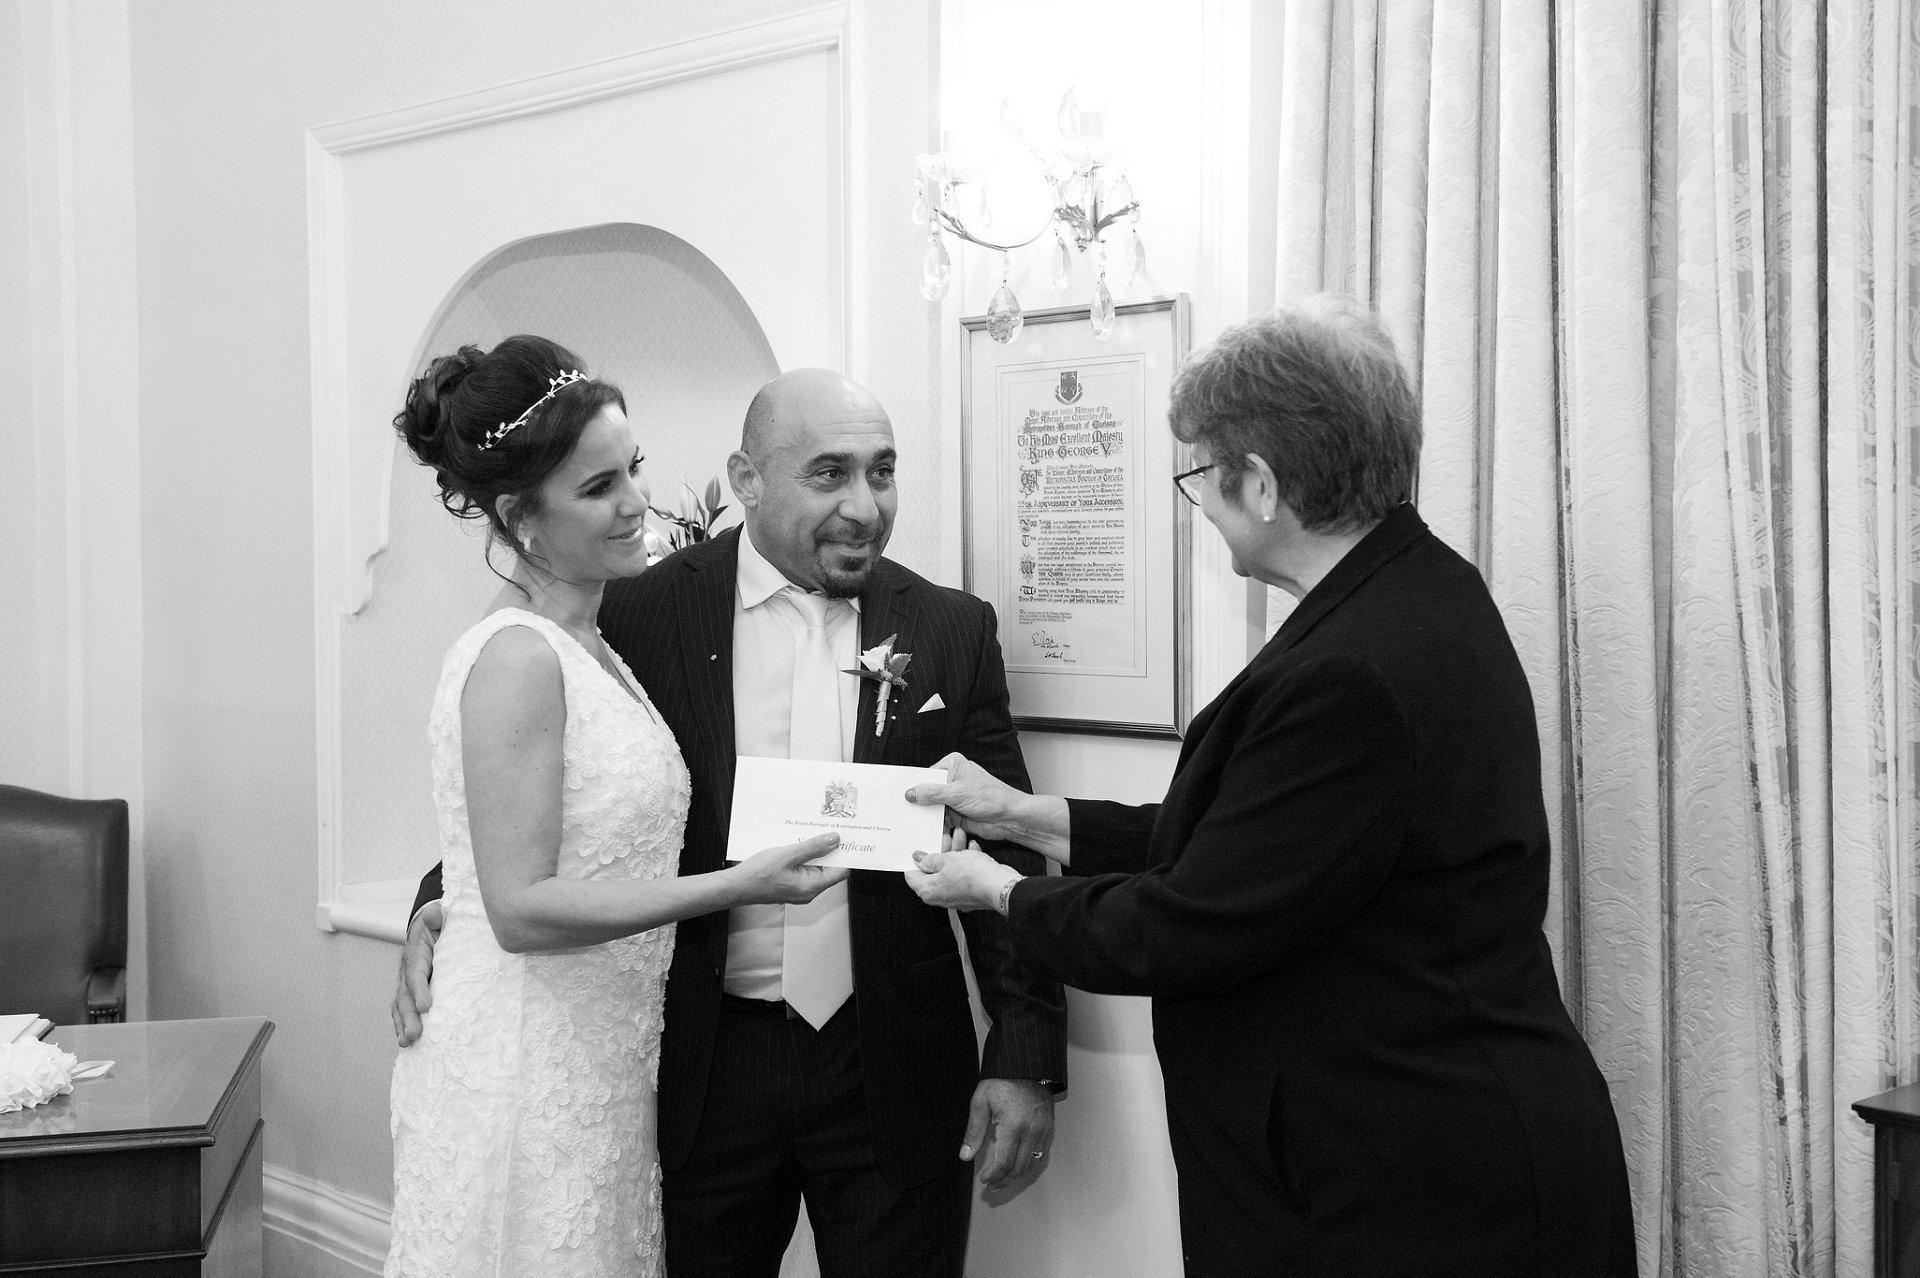 Chelsea Registrar hands Wedding Certificate to bride & groom